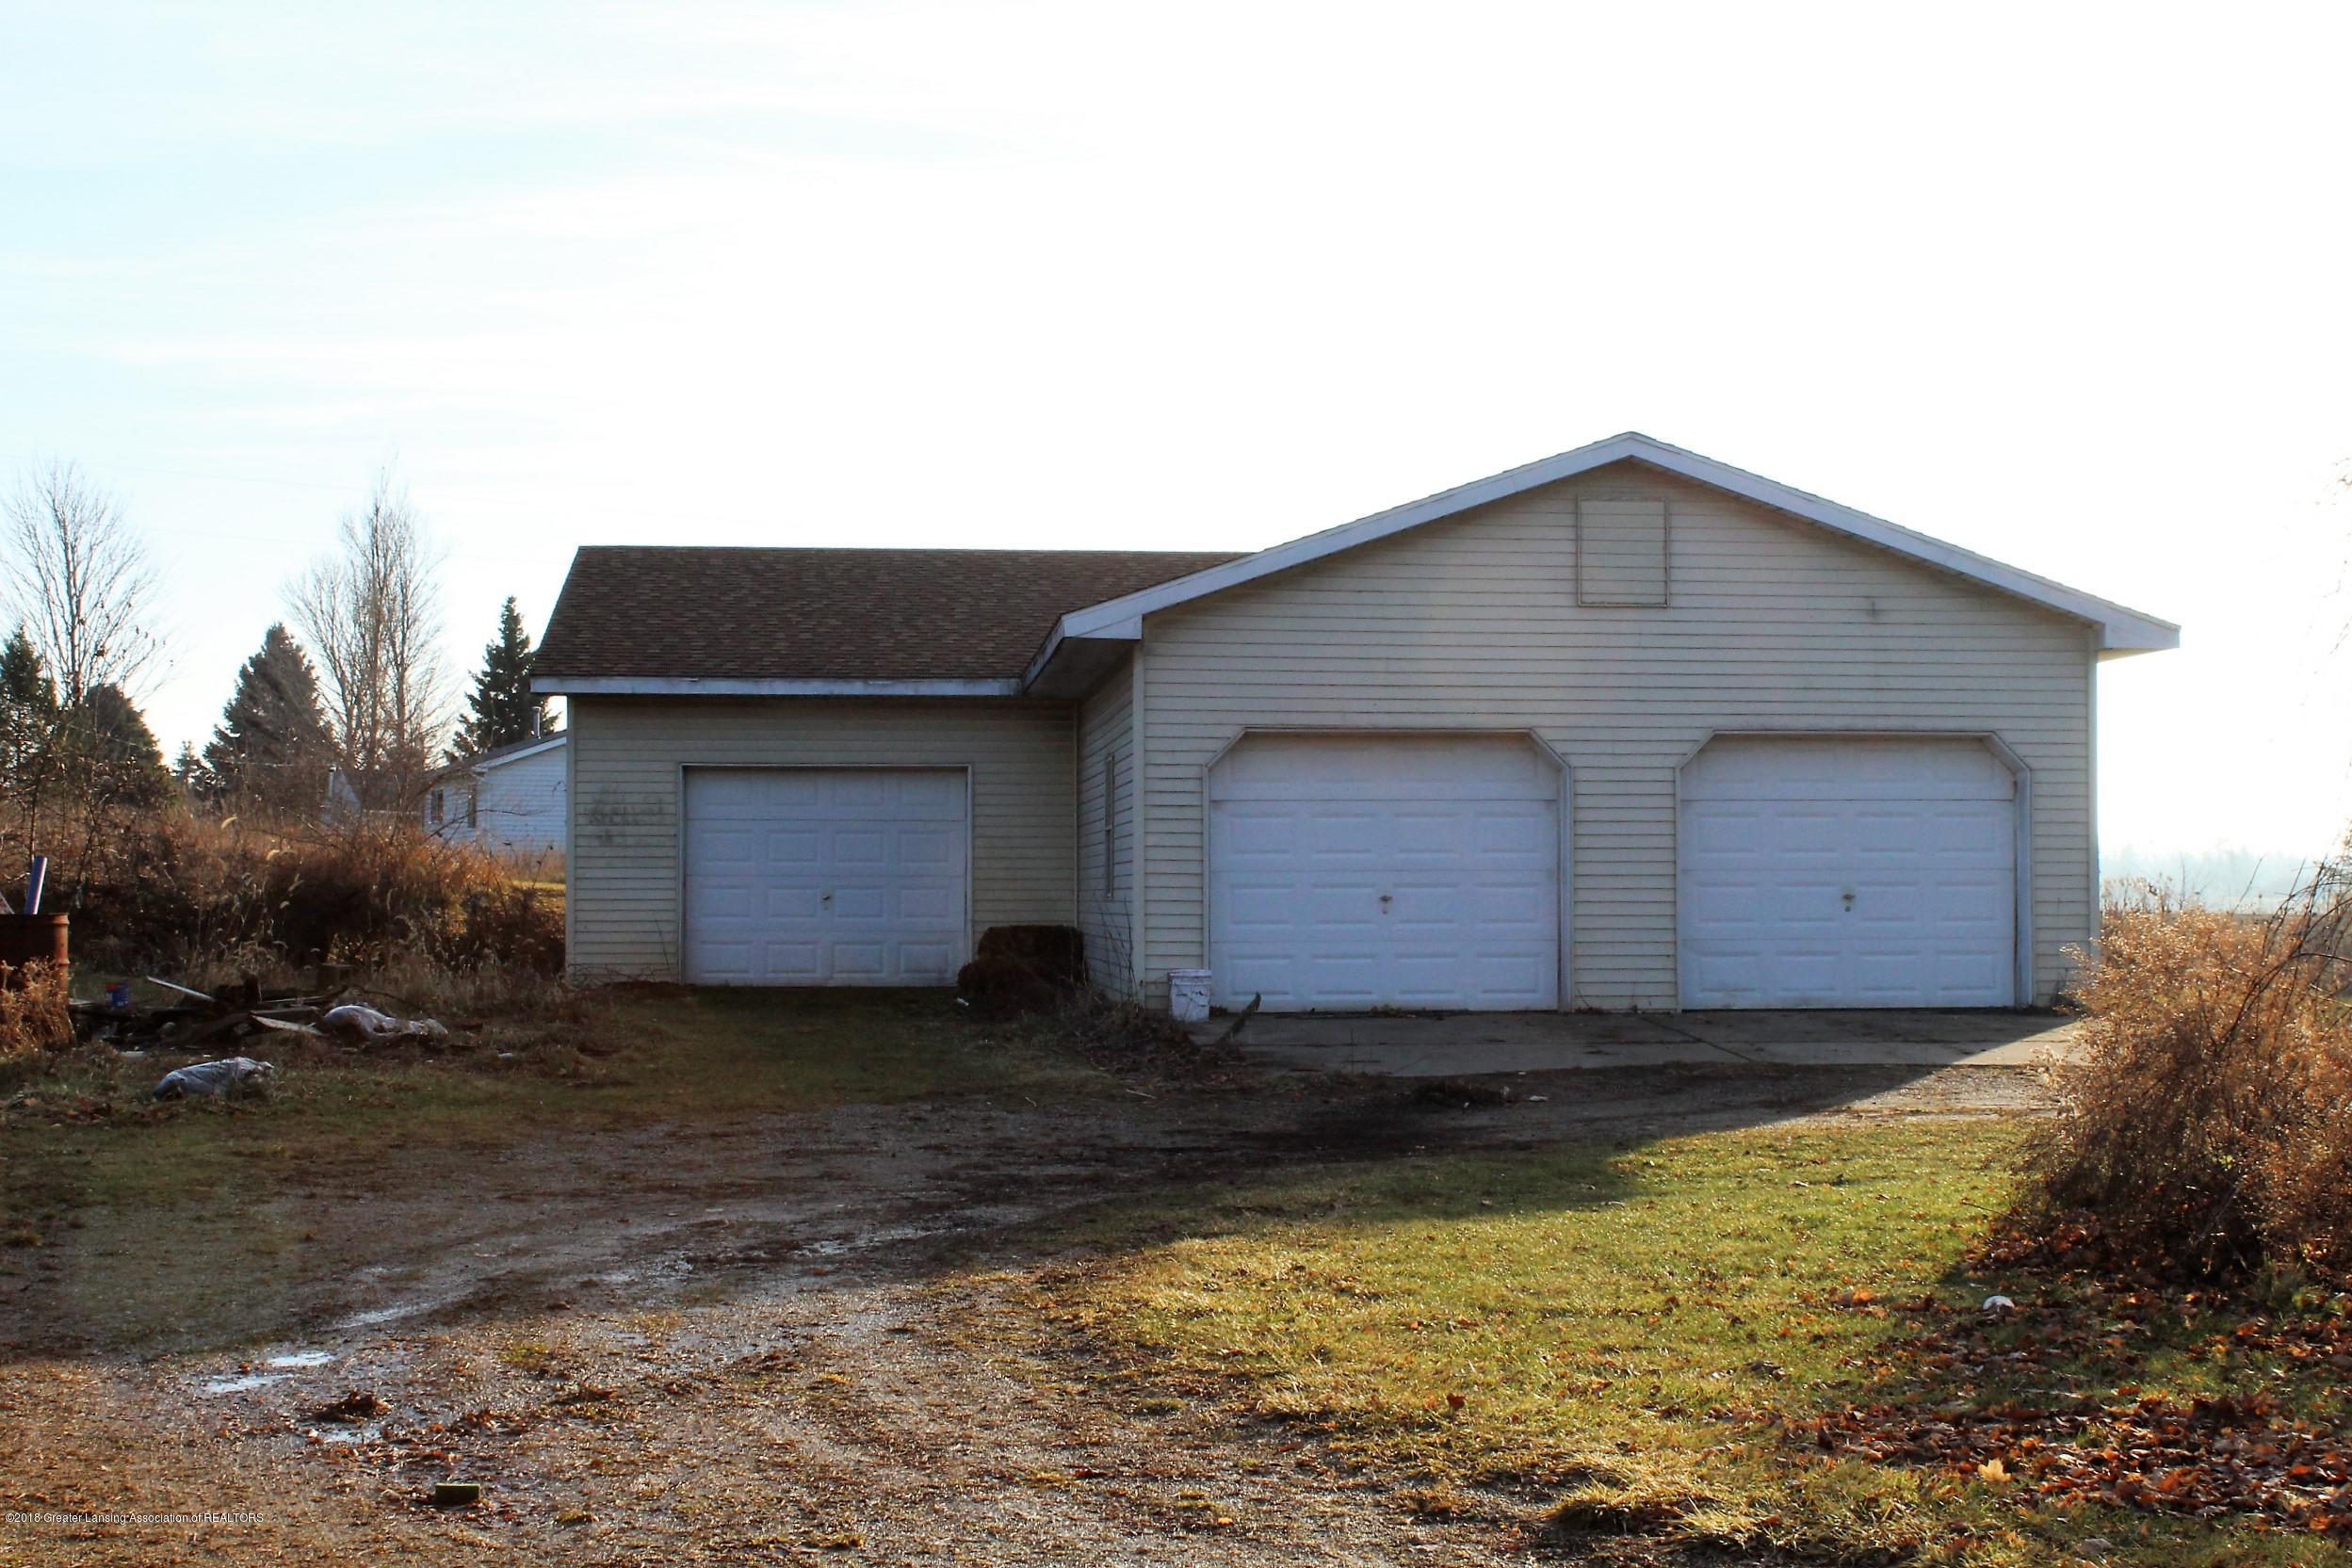 5552 Long Hwy - Garage & Pole Barn - 4